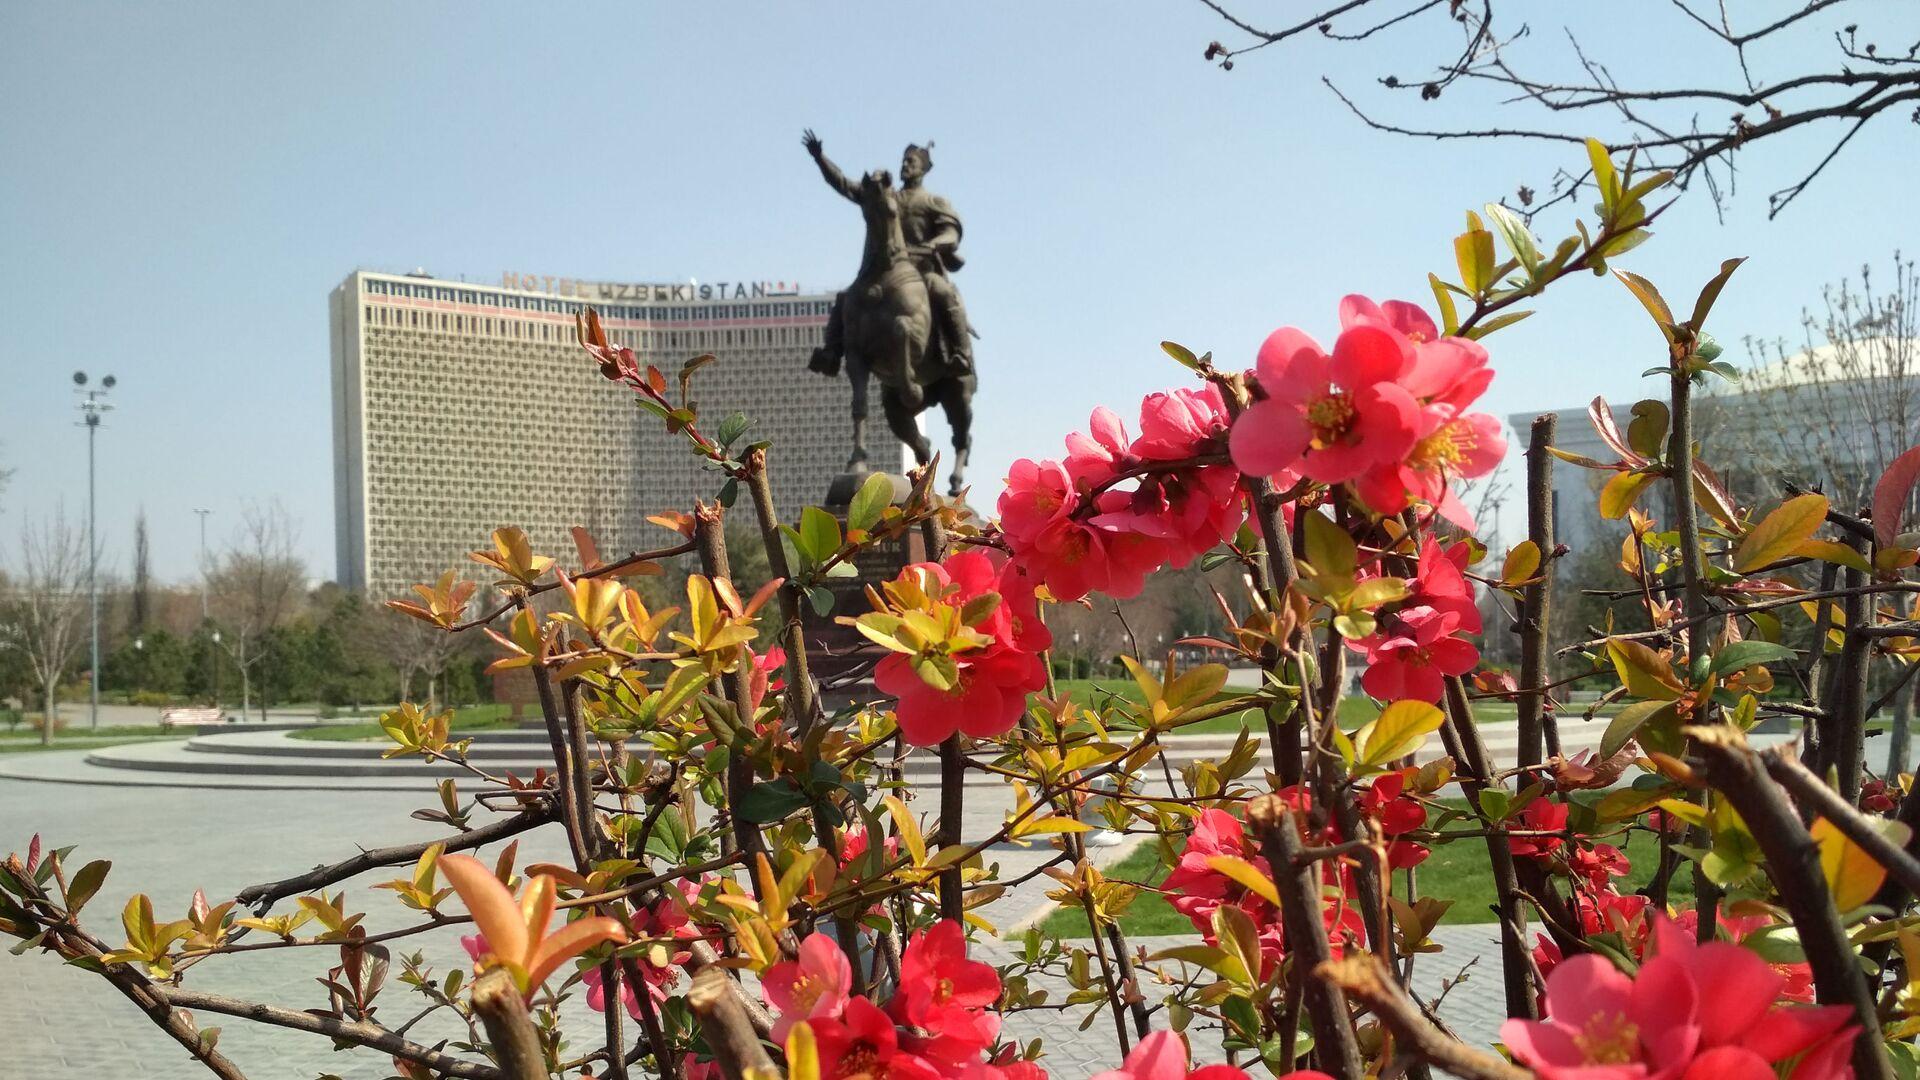 Весна в Ташкенте - Sputnik Узбекистан, 1920, 13.09.2021